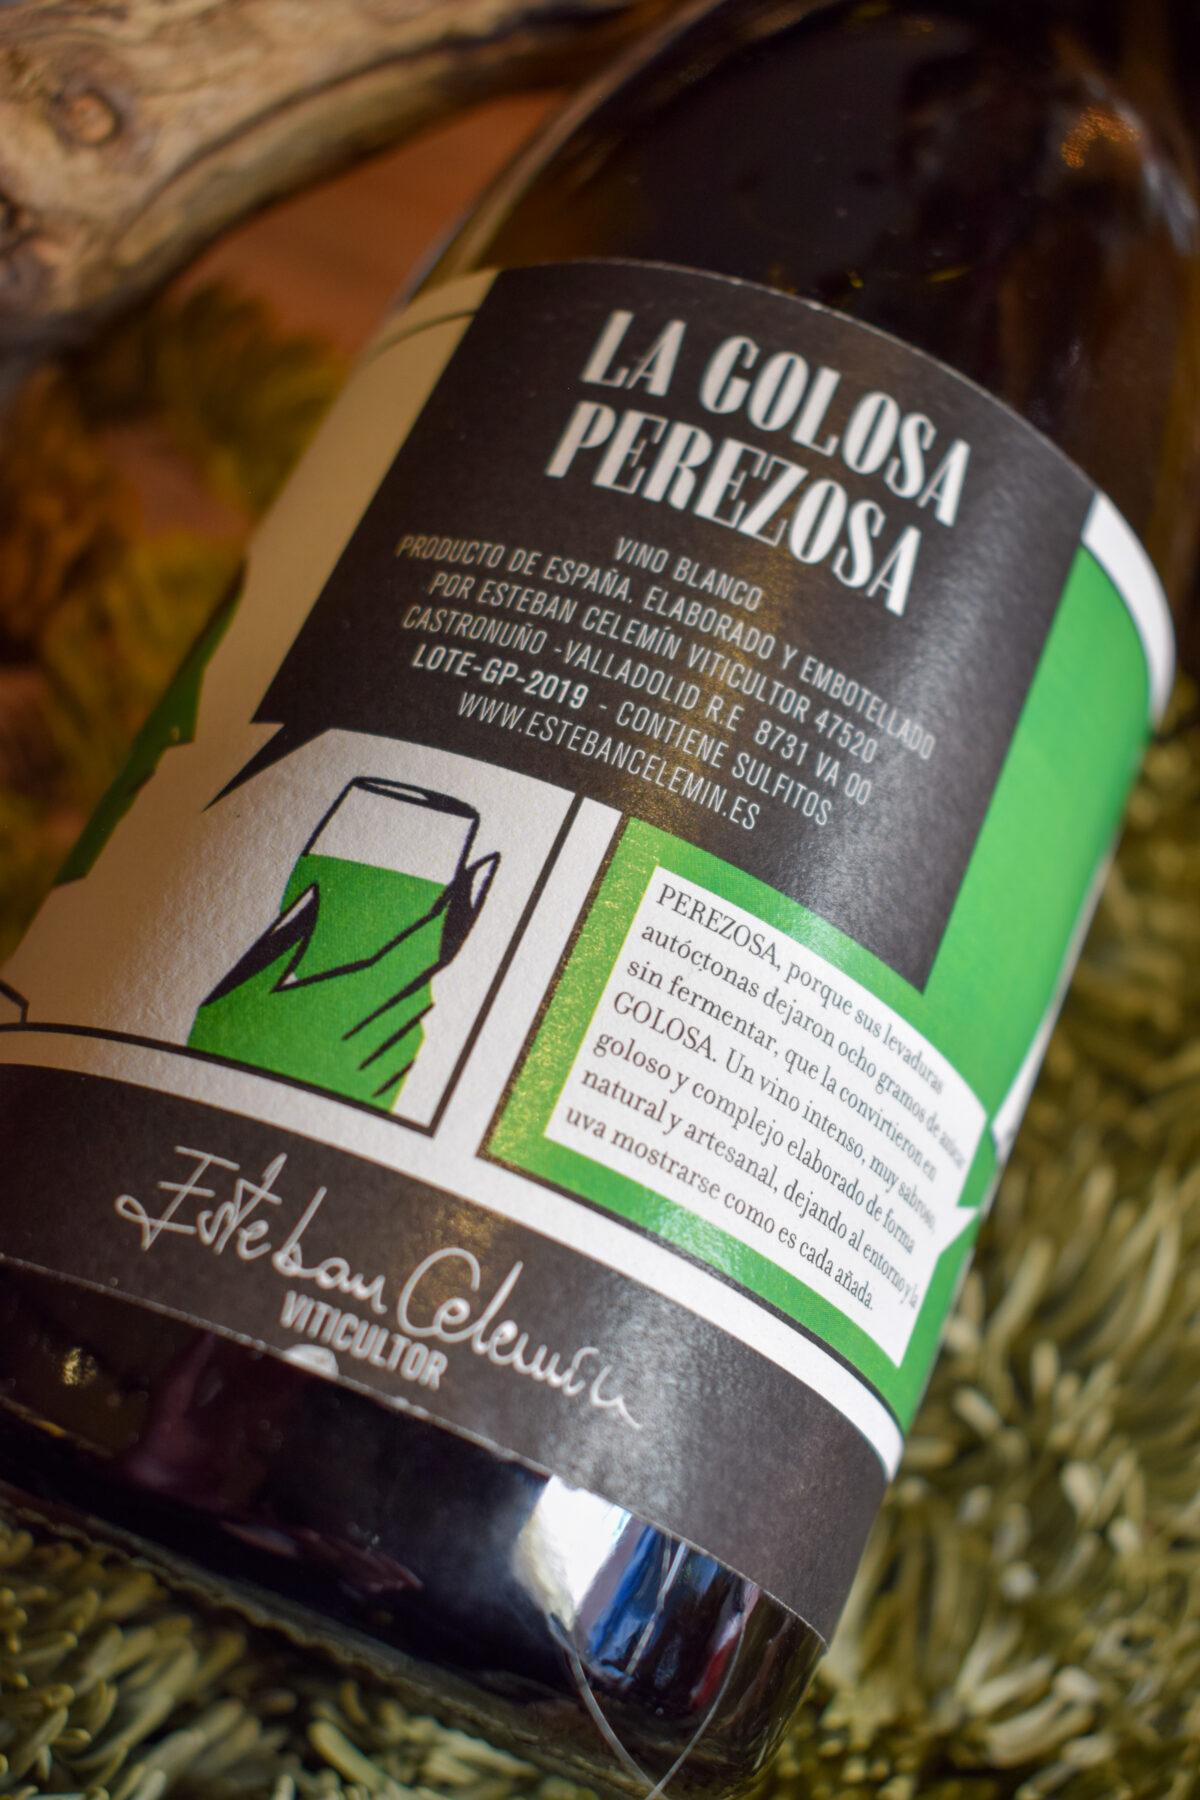 La Golosa Perezosa 2019 OFF DRY